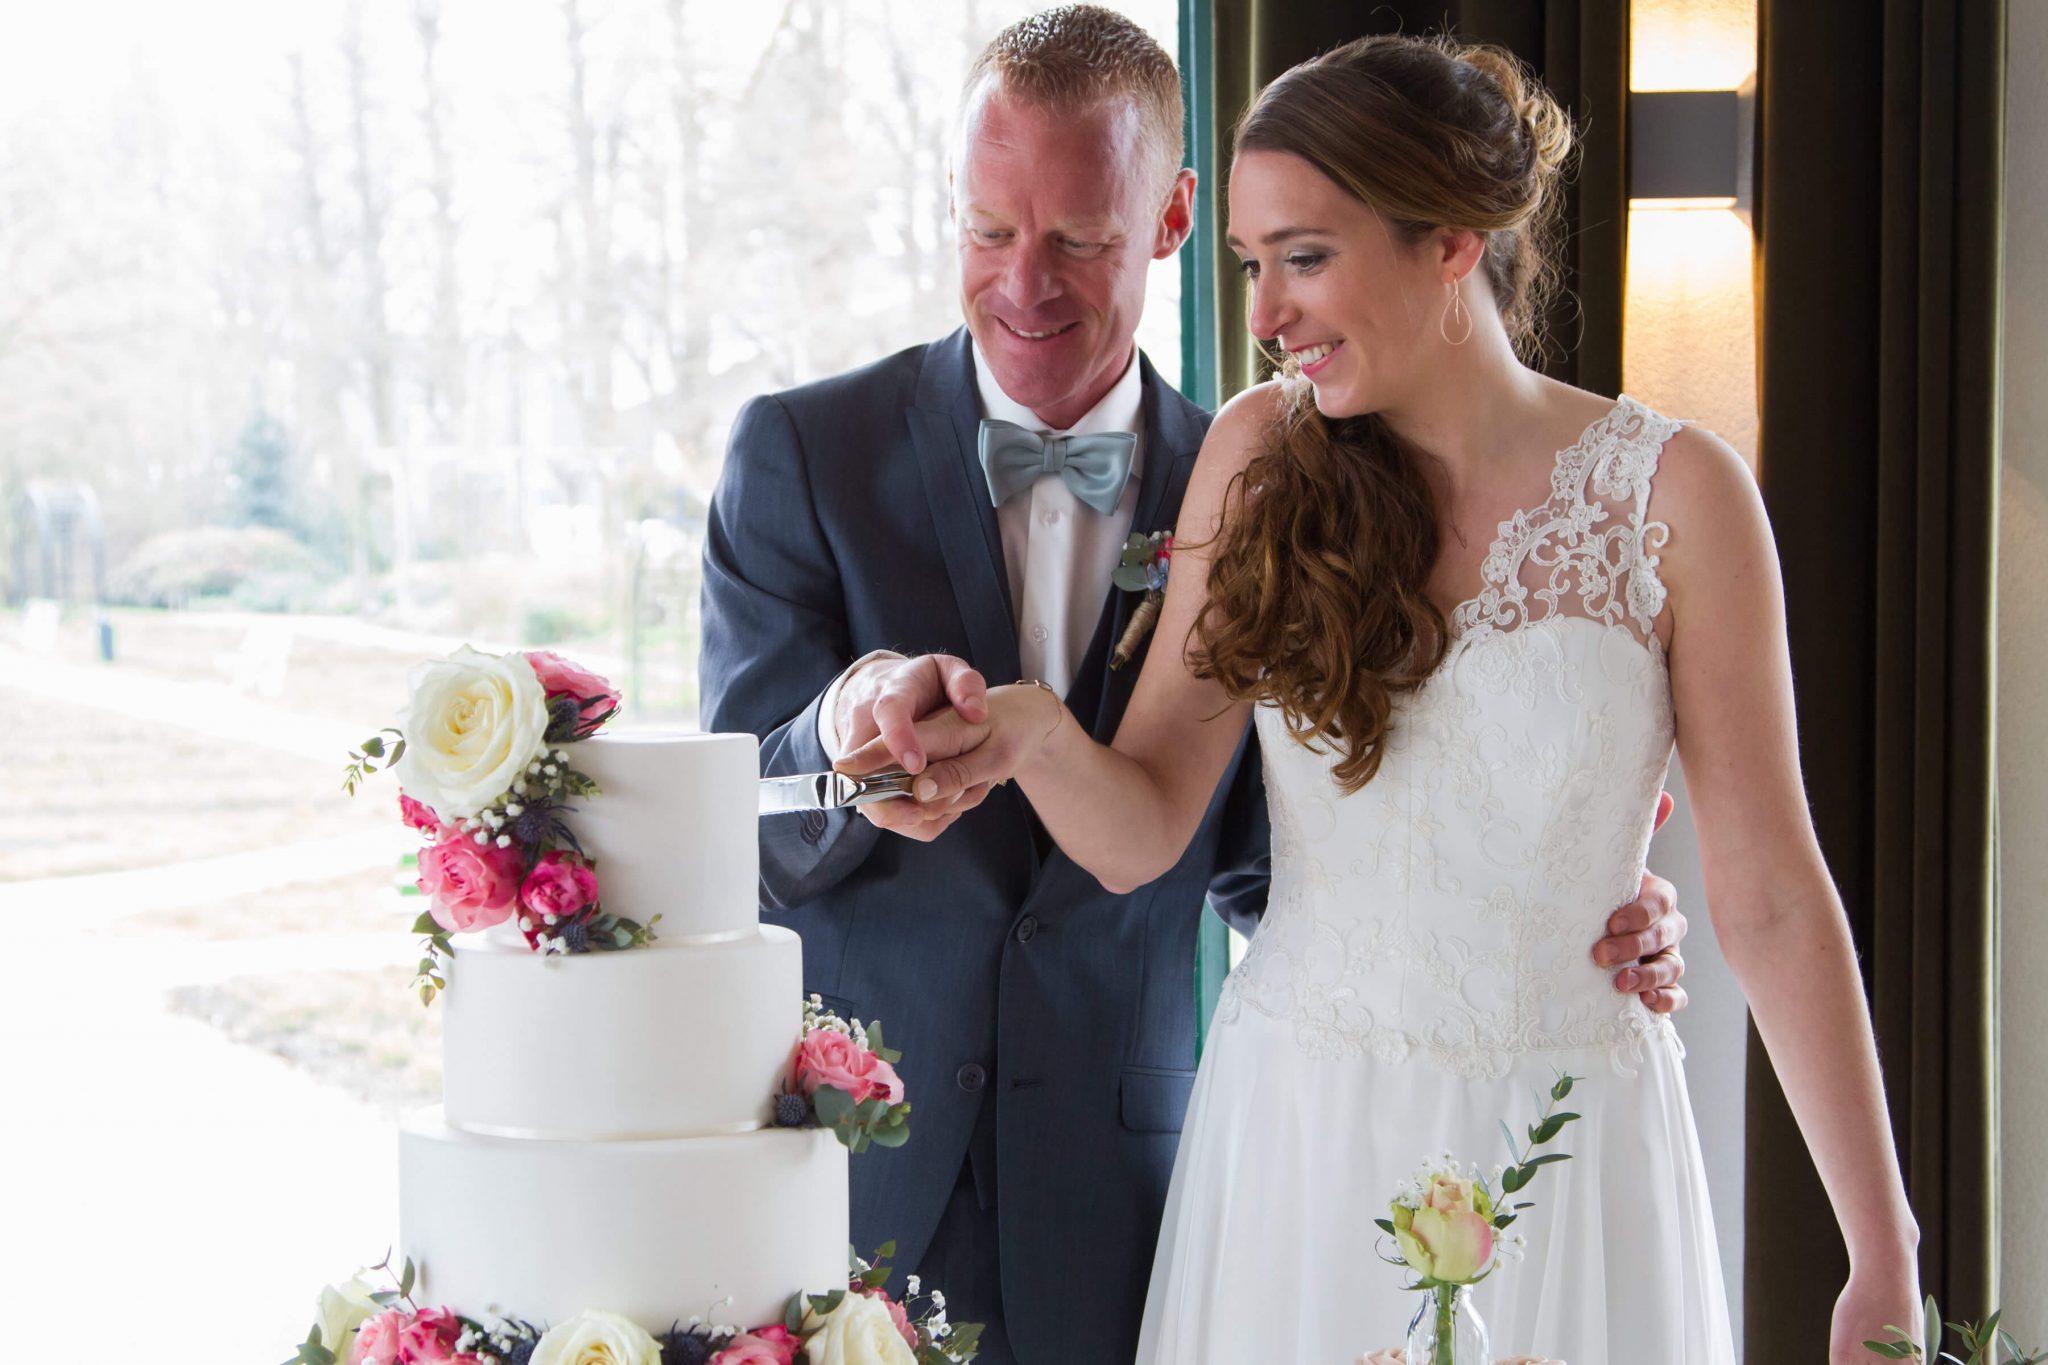 Romantisch Bruidstaart bloemen aansnijmoment huwelijk